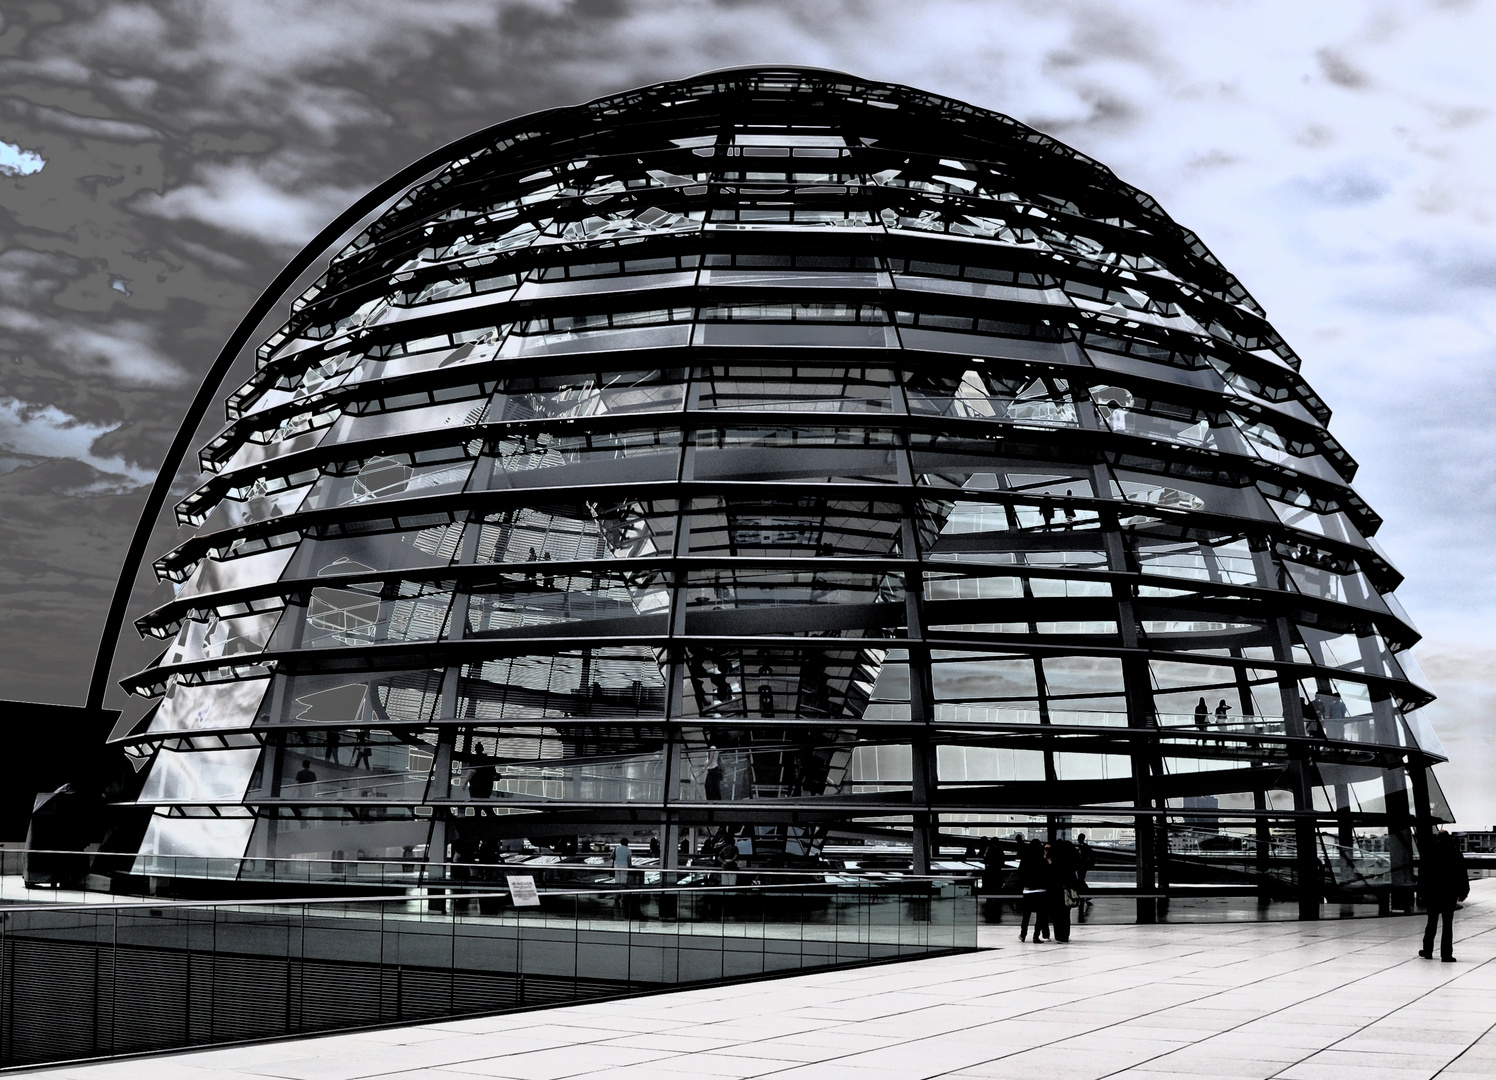 Der Himmel über Berlin ...